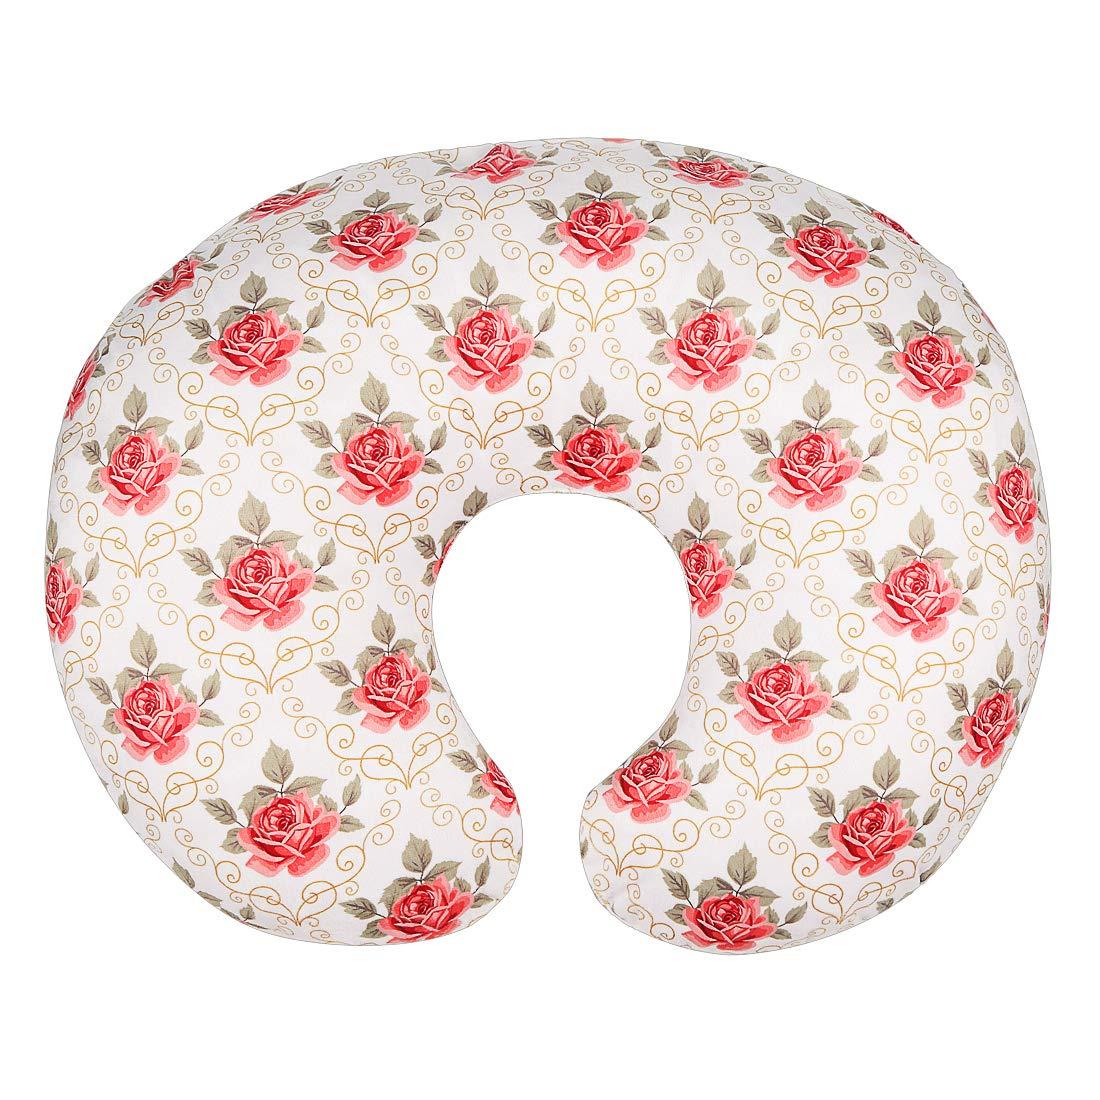 Minky Nursing Pillow Cover/Nursing Pillow Slipcover for Girls Soft Fits Snug On Infant Nursing Breast Feeding Pillows (White, Classic Roses) by IBraFashion